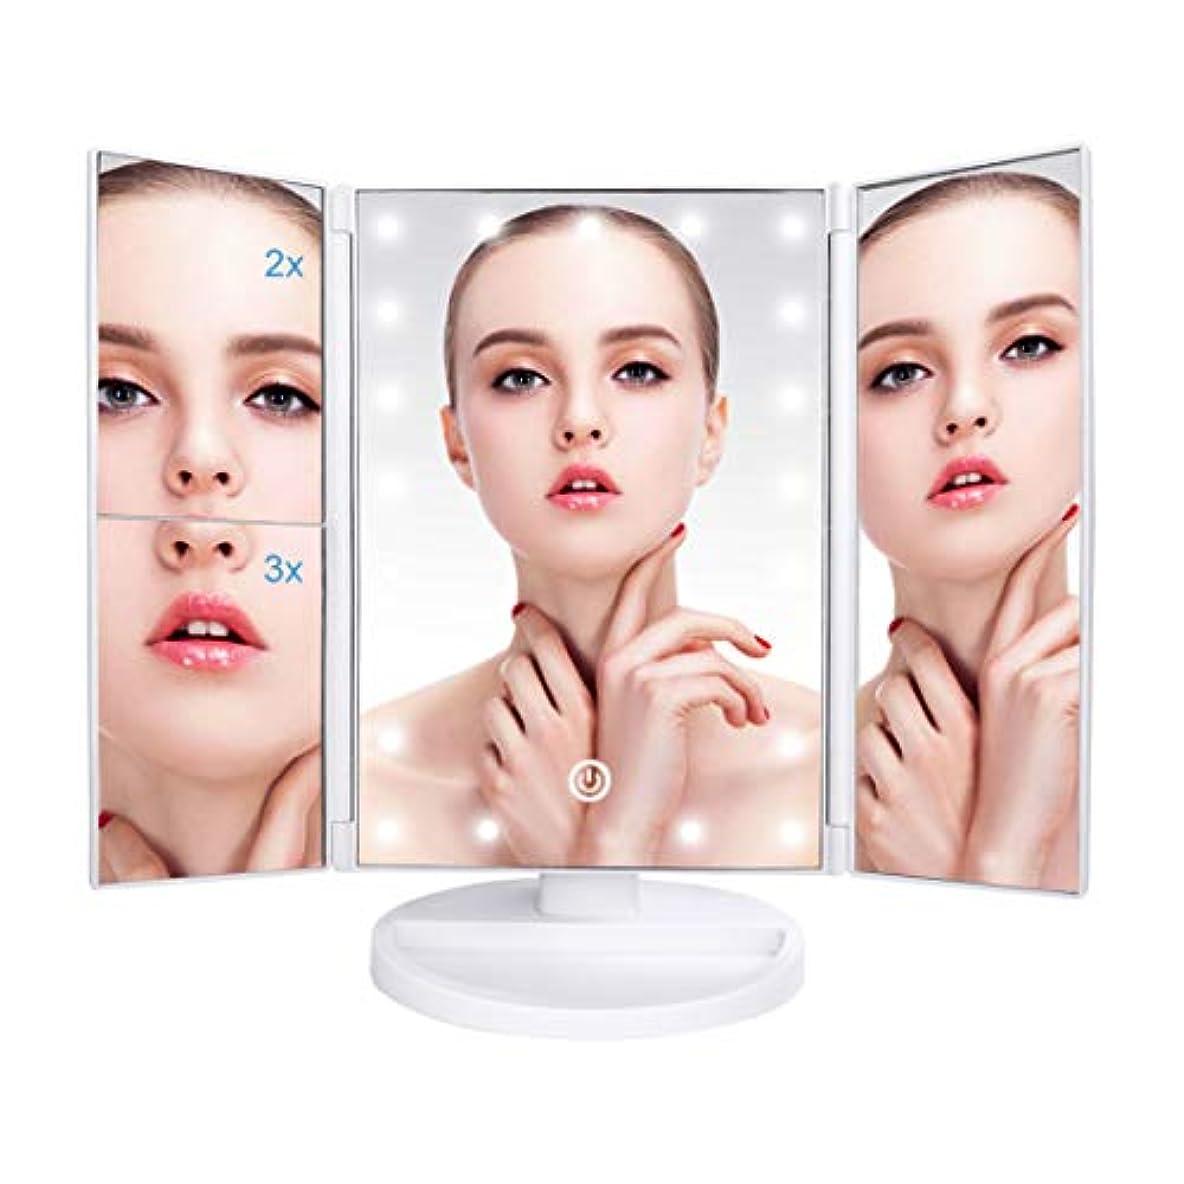 化粧鏡 LED 化粧ミラー 卓上 鏡 三面鏡 女優ミラー LED付き折りたたみ 拡大鏡 2倍 3倍 明るさ調節可能 180°回転可能 電池&USB 2WAY給電 21個LEDライト付きホワイト